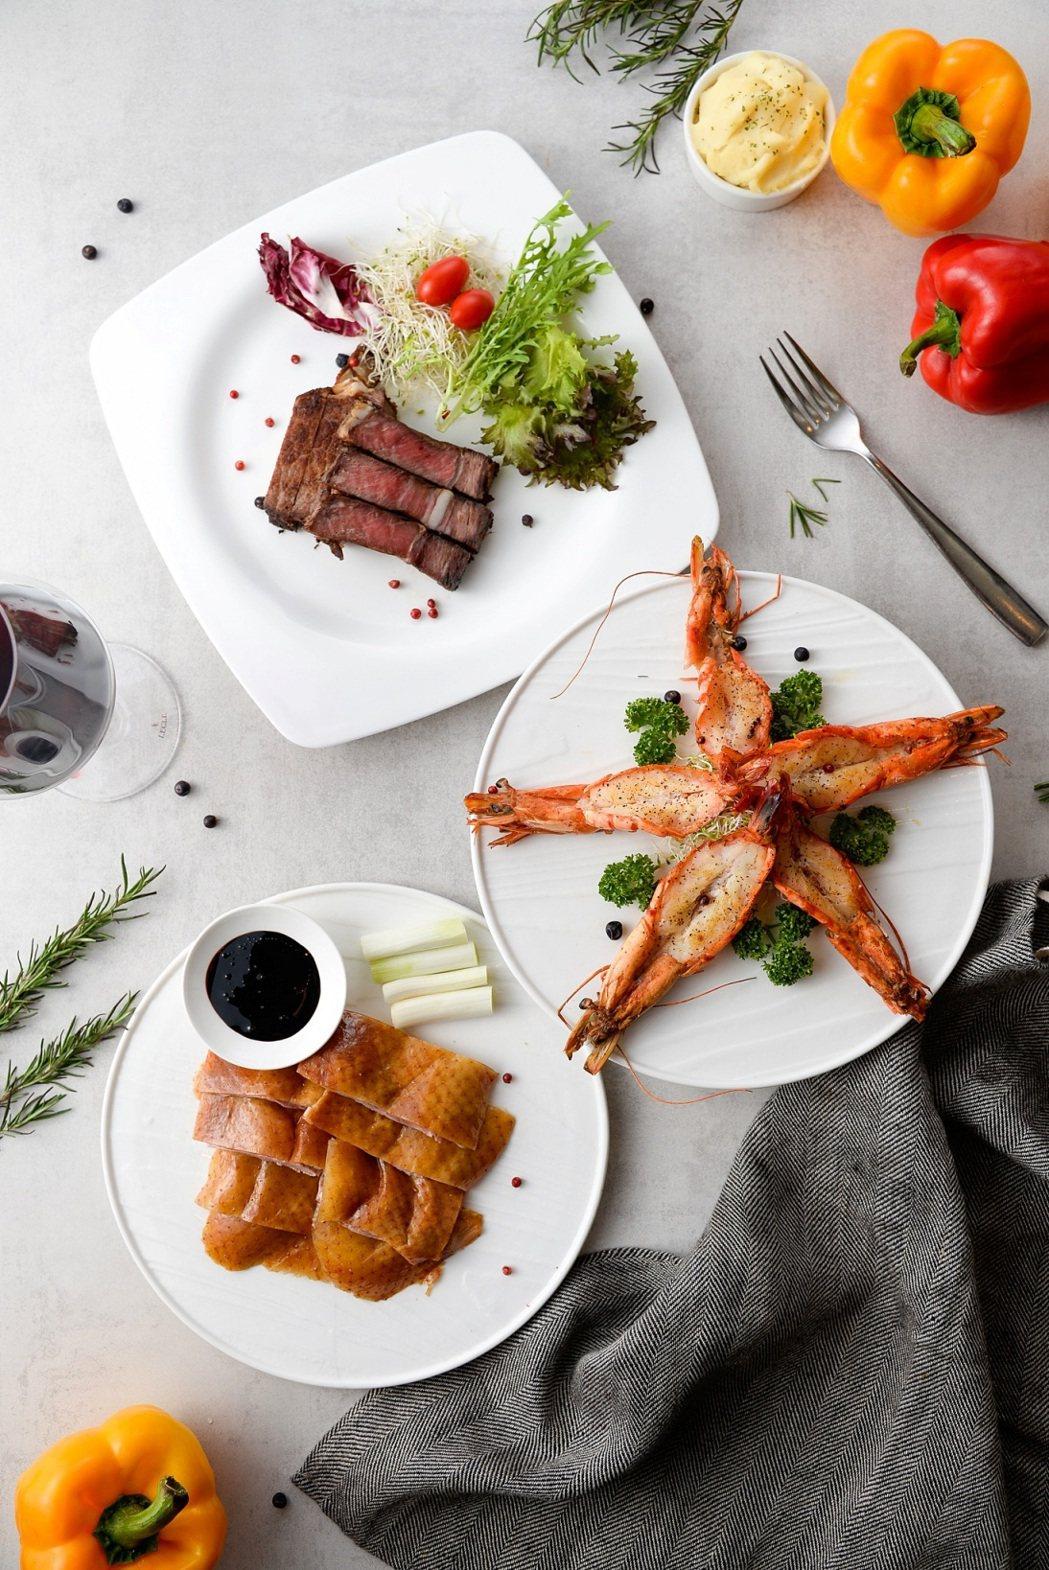 餐廳鐵板區全面升級,推出蝴蝶蝦、沙朗牛排吃到飽。圖/高雄國賓提供